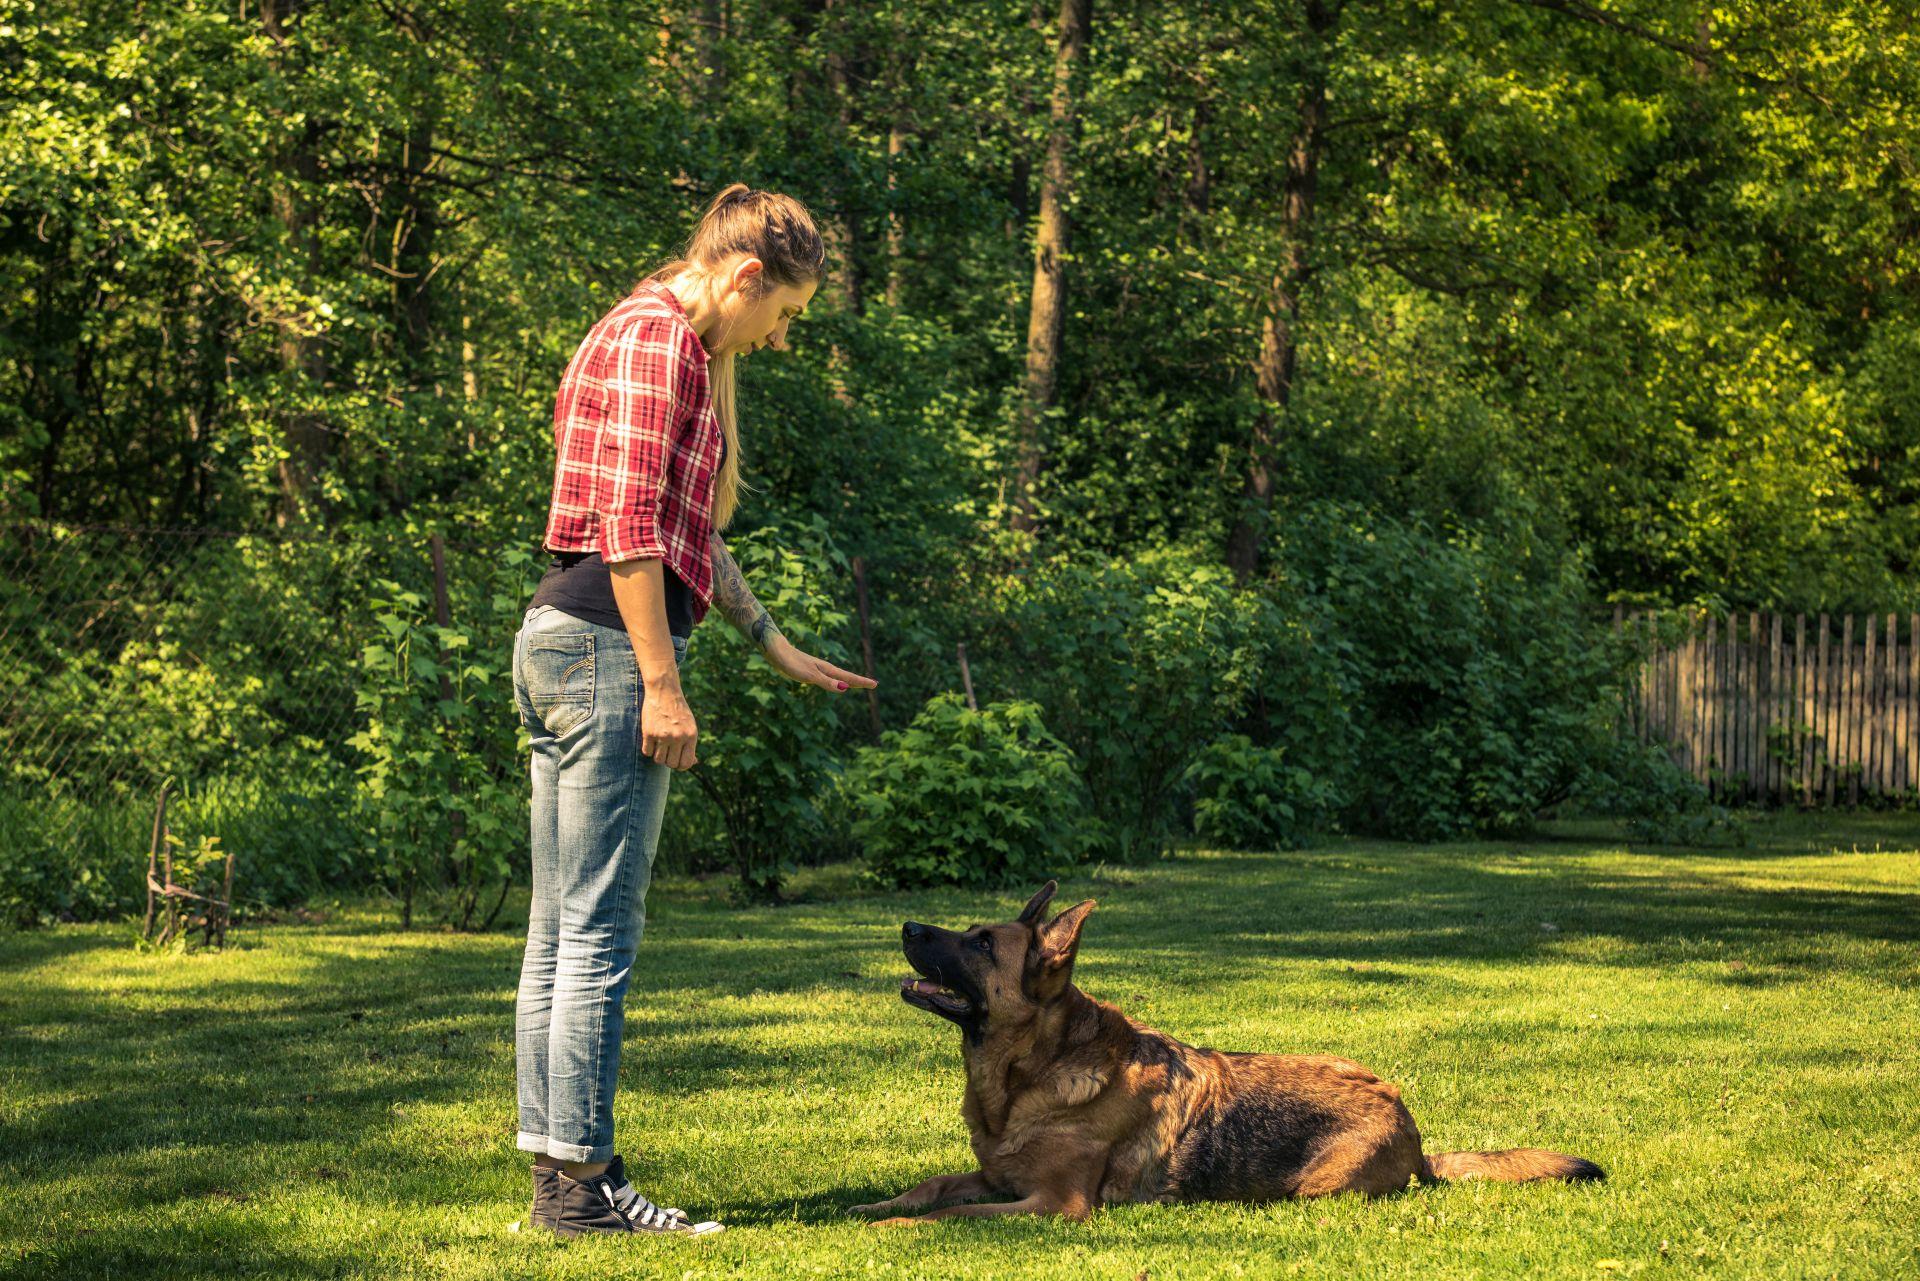 Kutyakiképző munkája - jólnevelt ebek